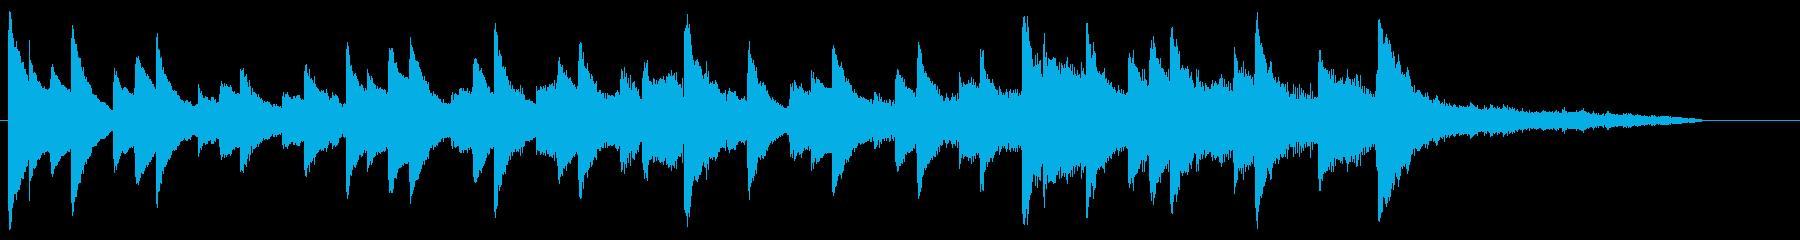 CM30秒、映像に合う穏やかなピアノの再生済みの波形